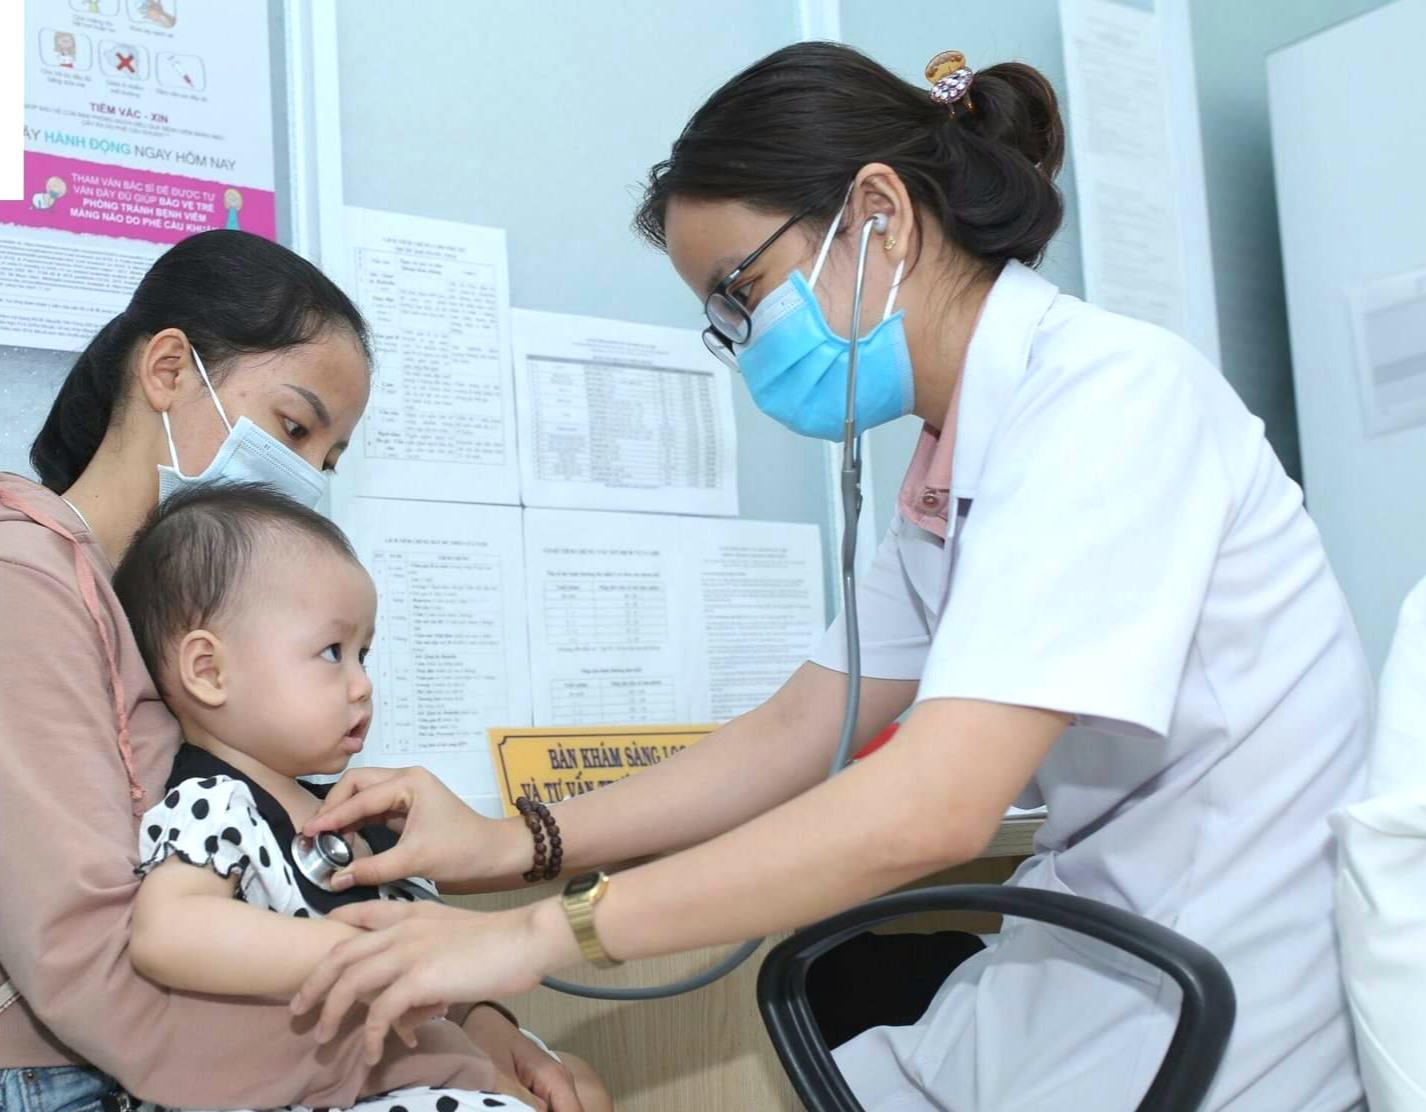 Dù lựa chọn tiêm chủng ở đâu cũng nên cho trẻ đi tiêm chủng đúng lịch. Ảnh: ICR